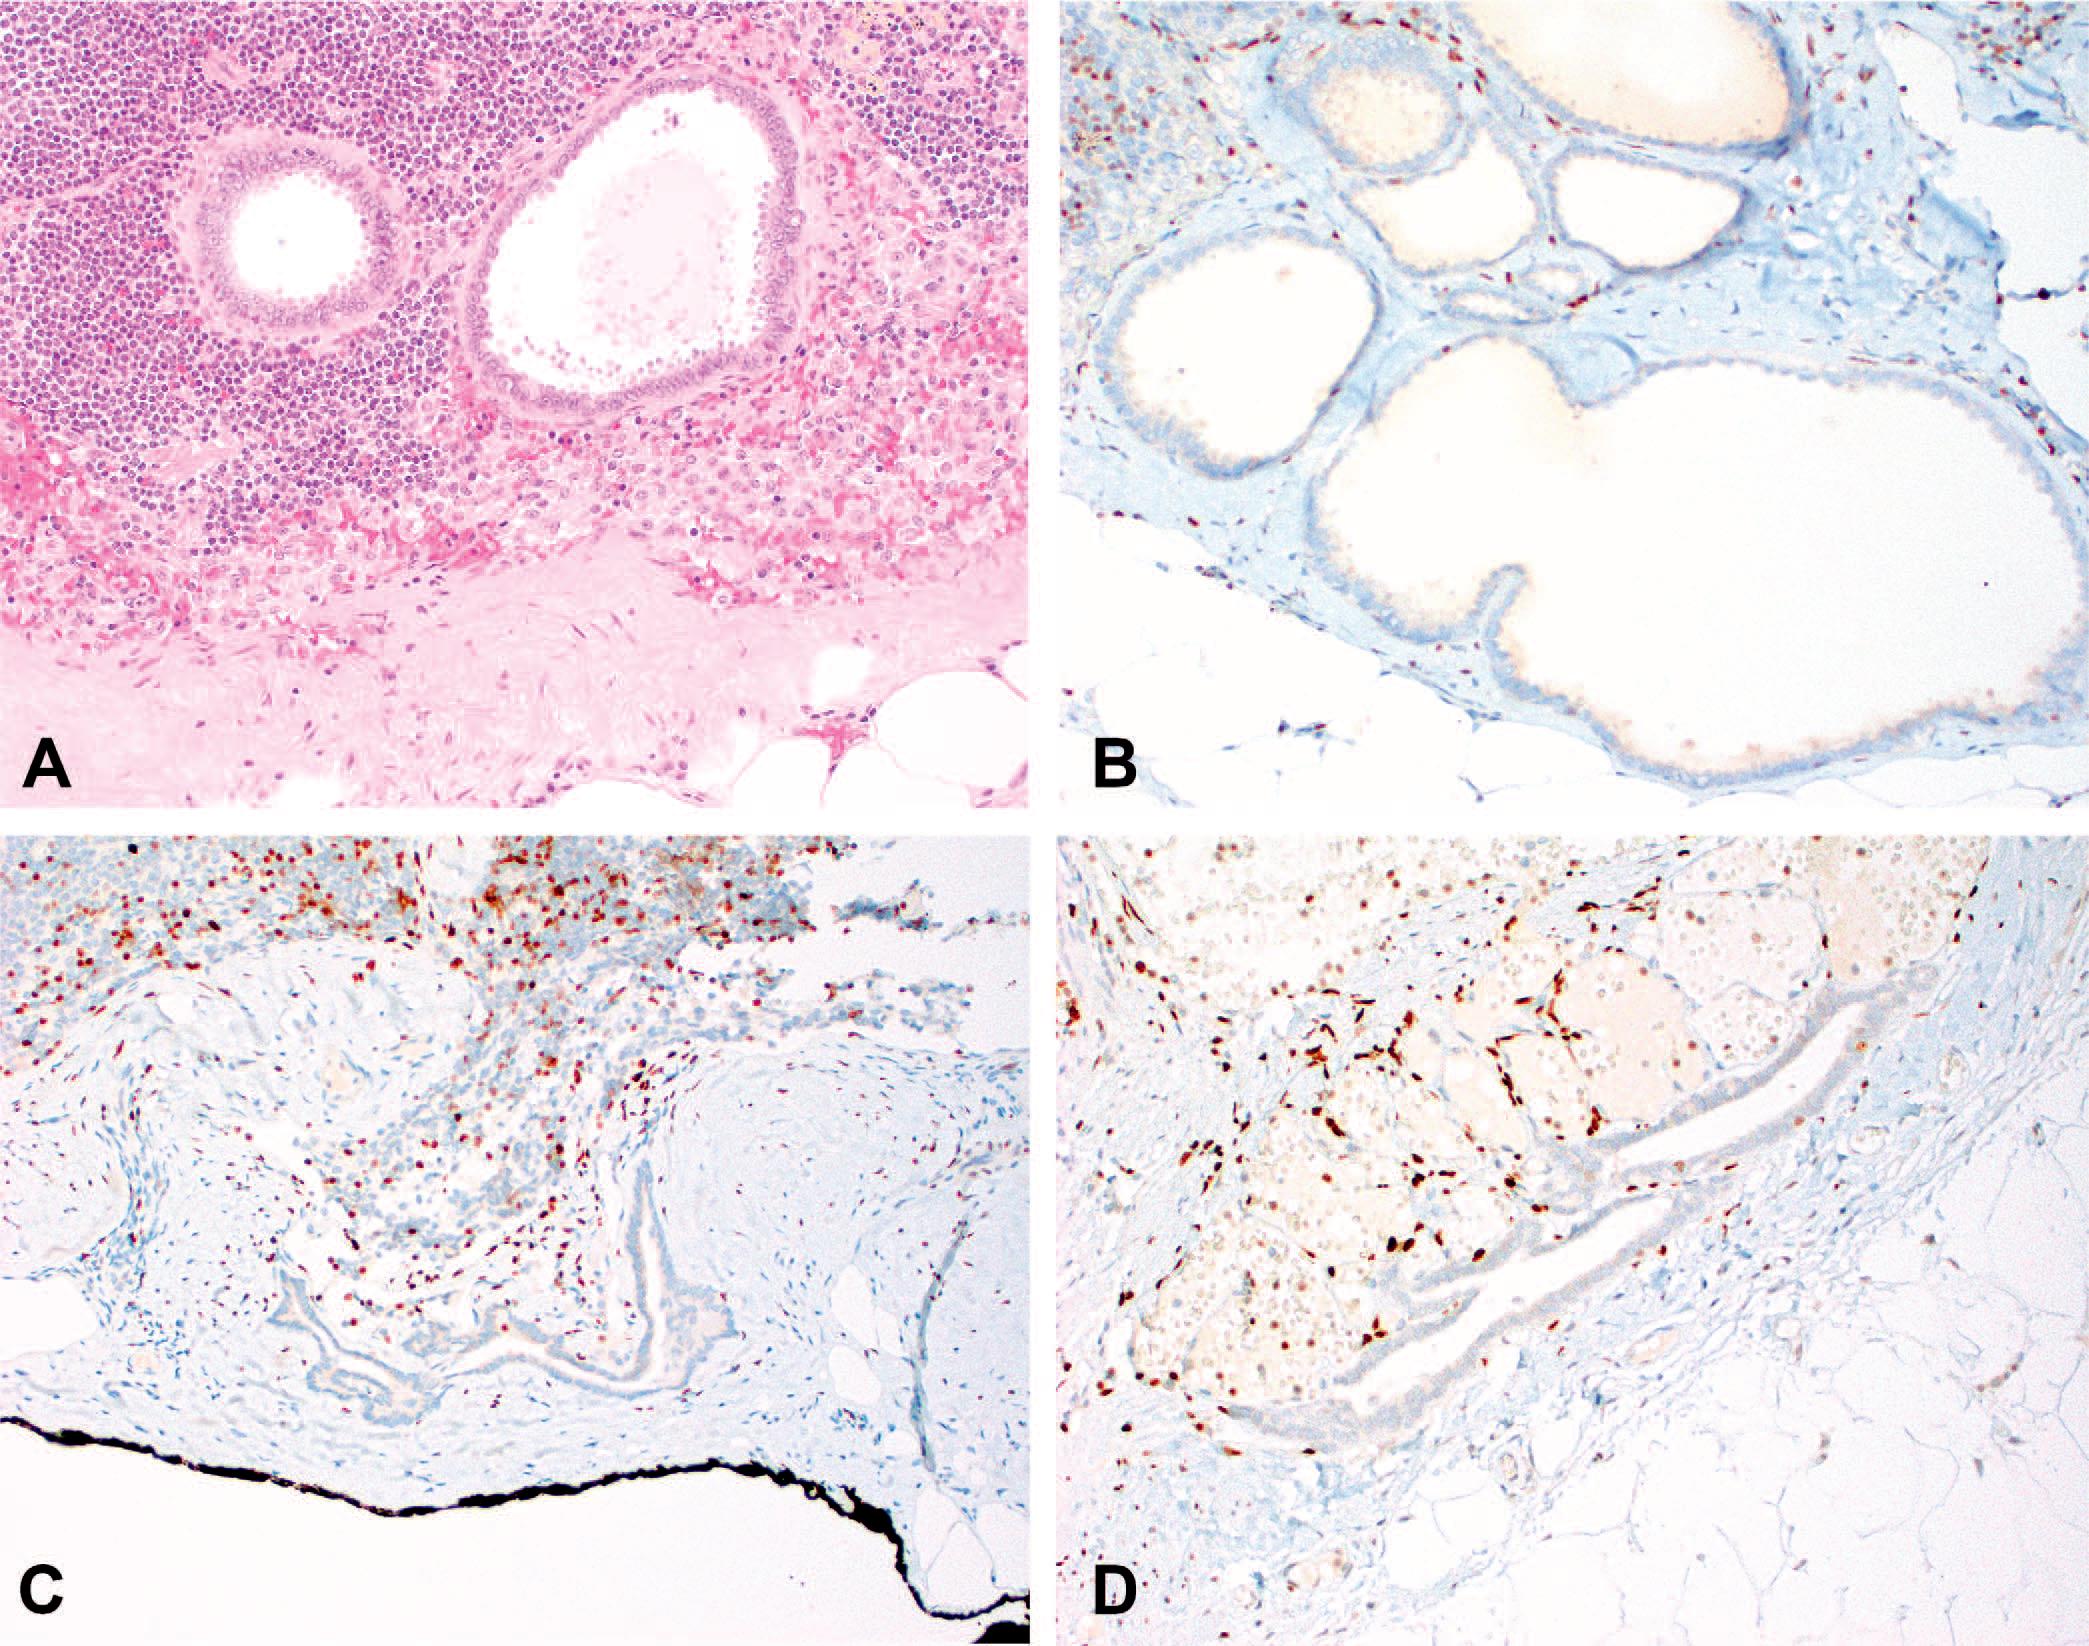 转移性乳腺癌与输卵管子宫内膜异位鉴别的利器-GATA3